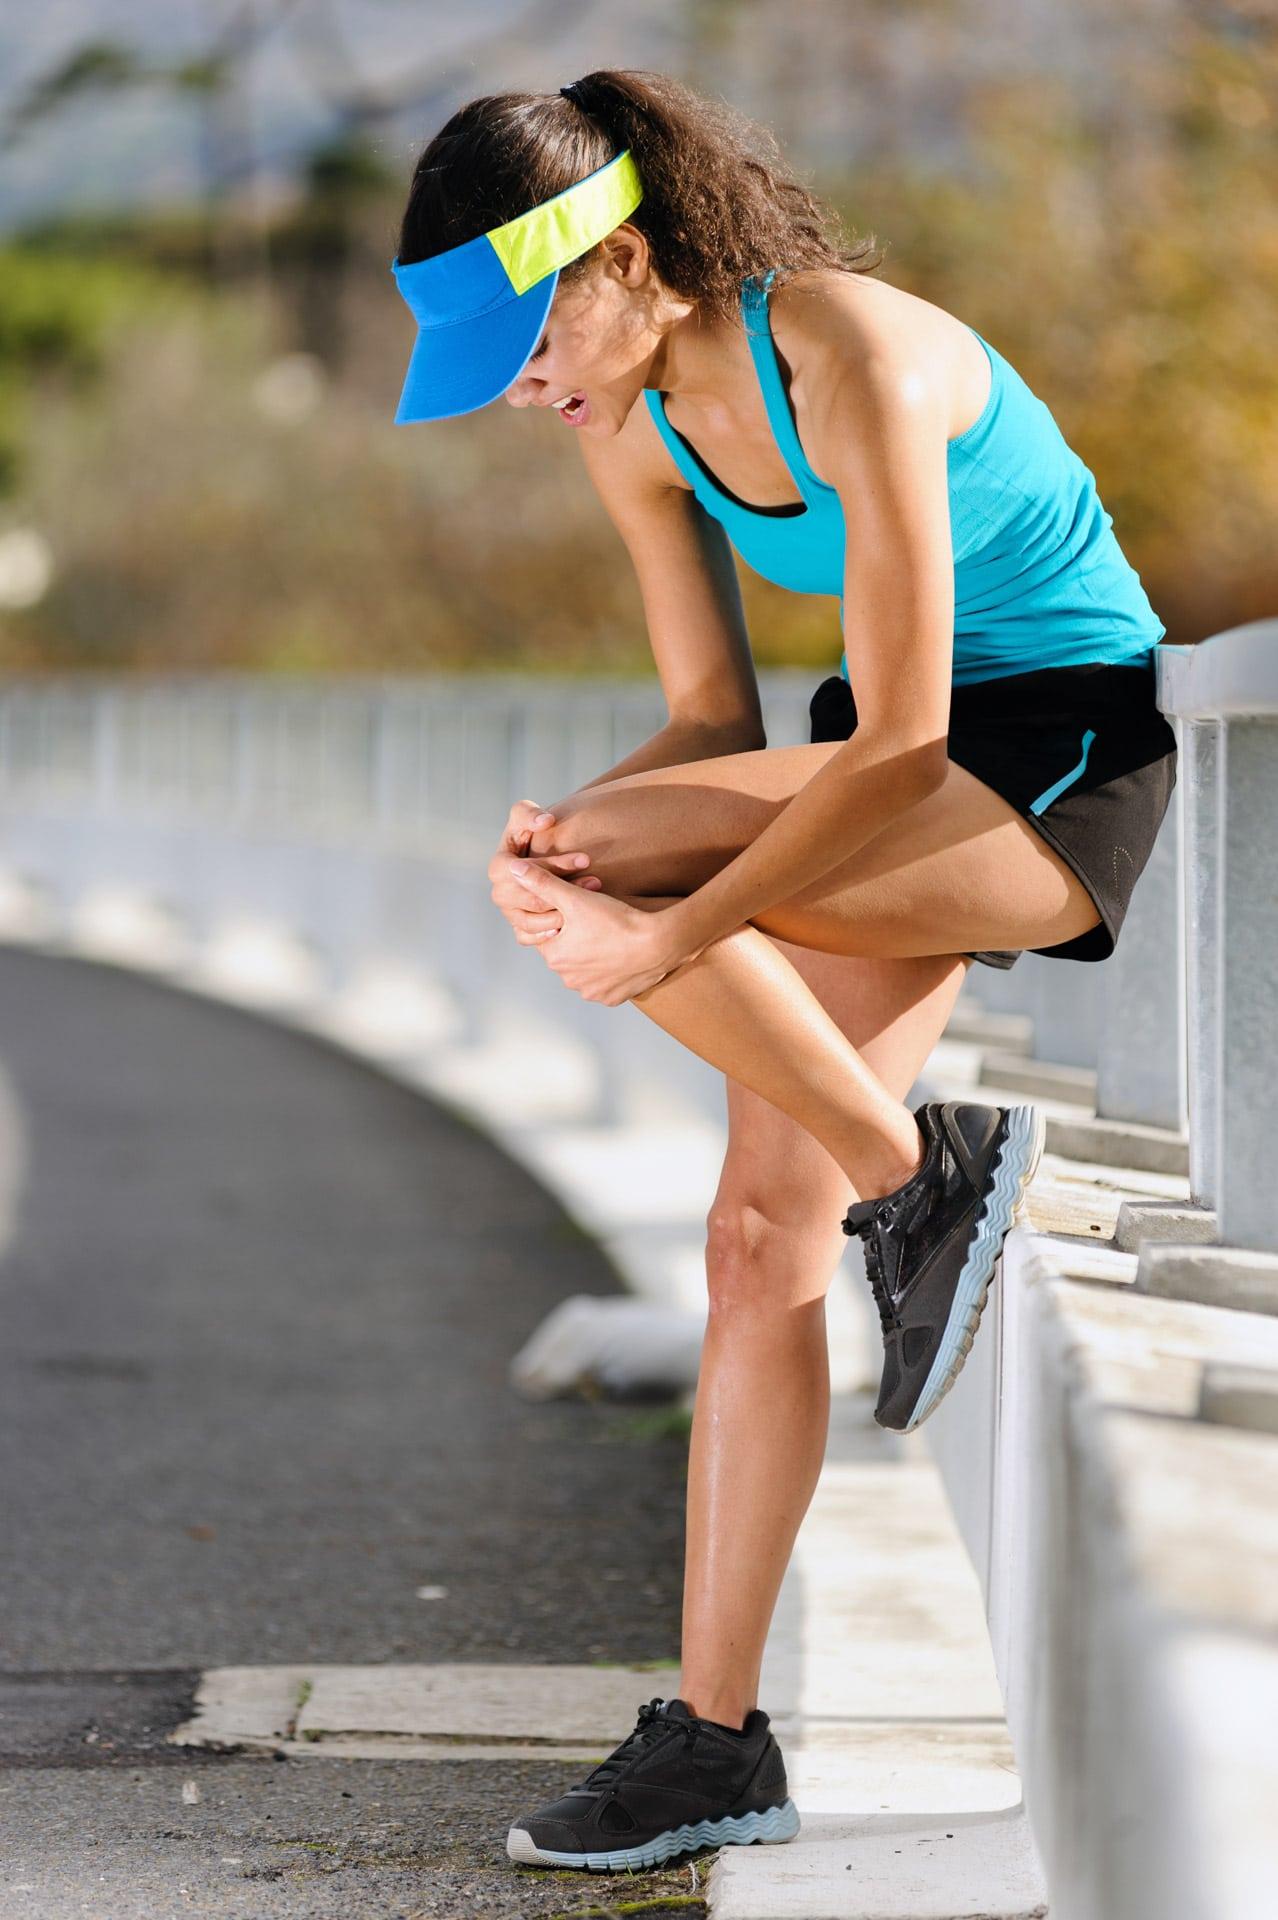 Schmerzen am Knie, Läuferin mit Schmerzen